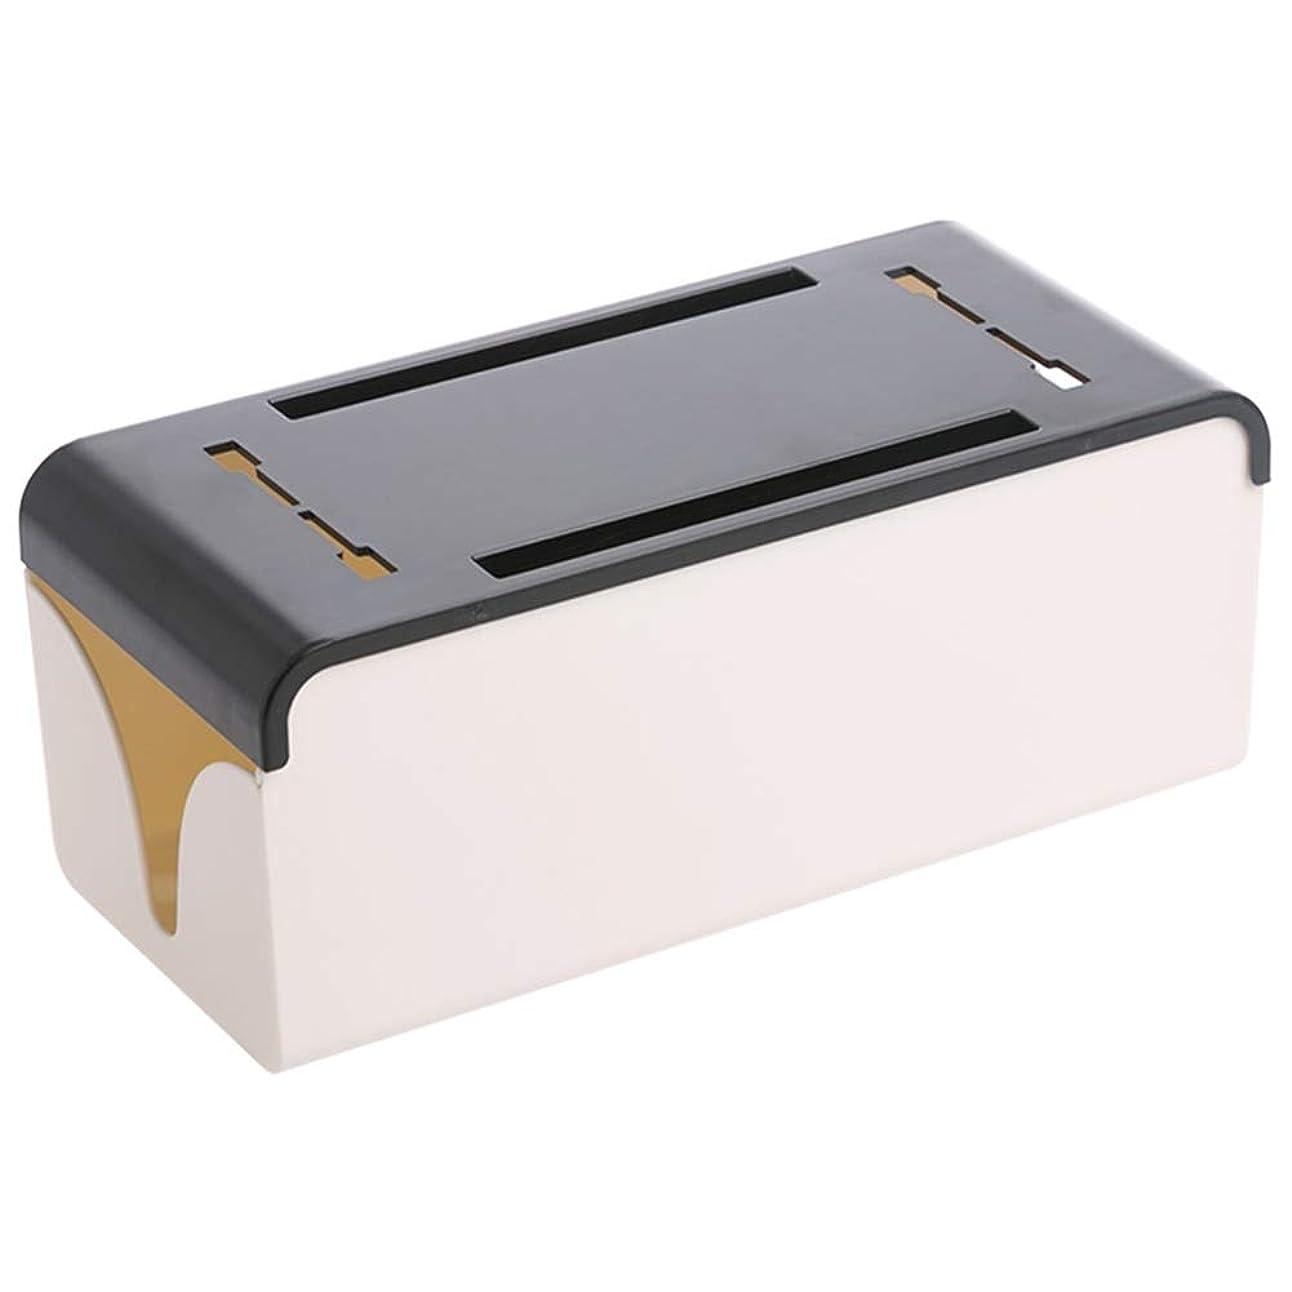 不十分ビュッフェ行き当たりばったりストレージボックス、ソケットハブ、ホーム用のワイヤジャンクションボックスABS、デスクトップ29.8x11.8x12.1cm仕上げデスクトップ (Color : Black)